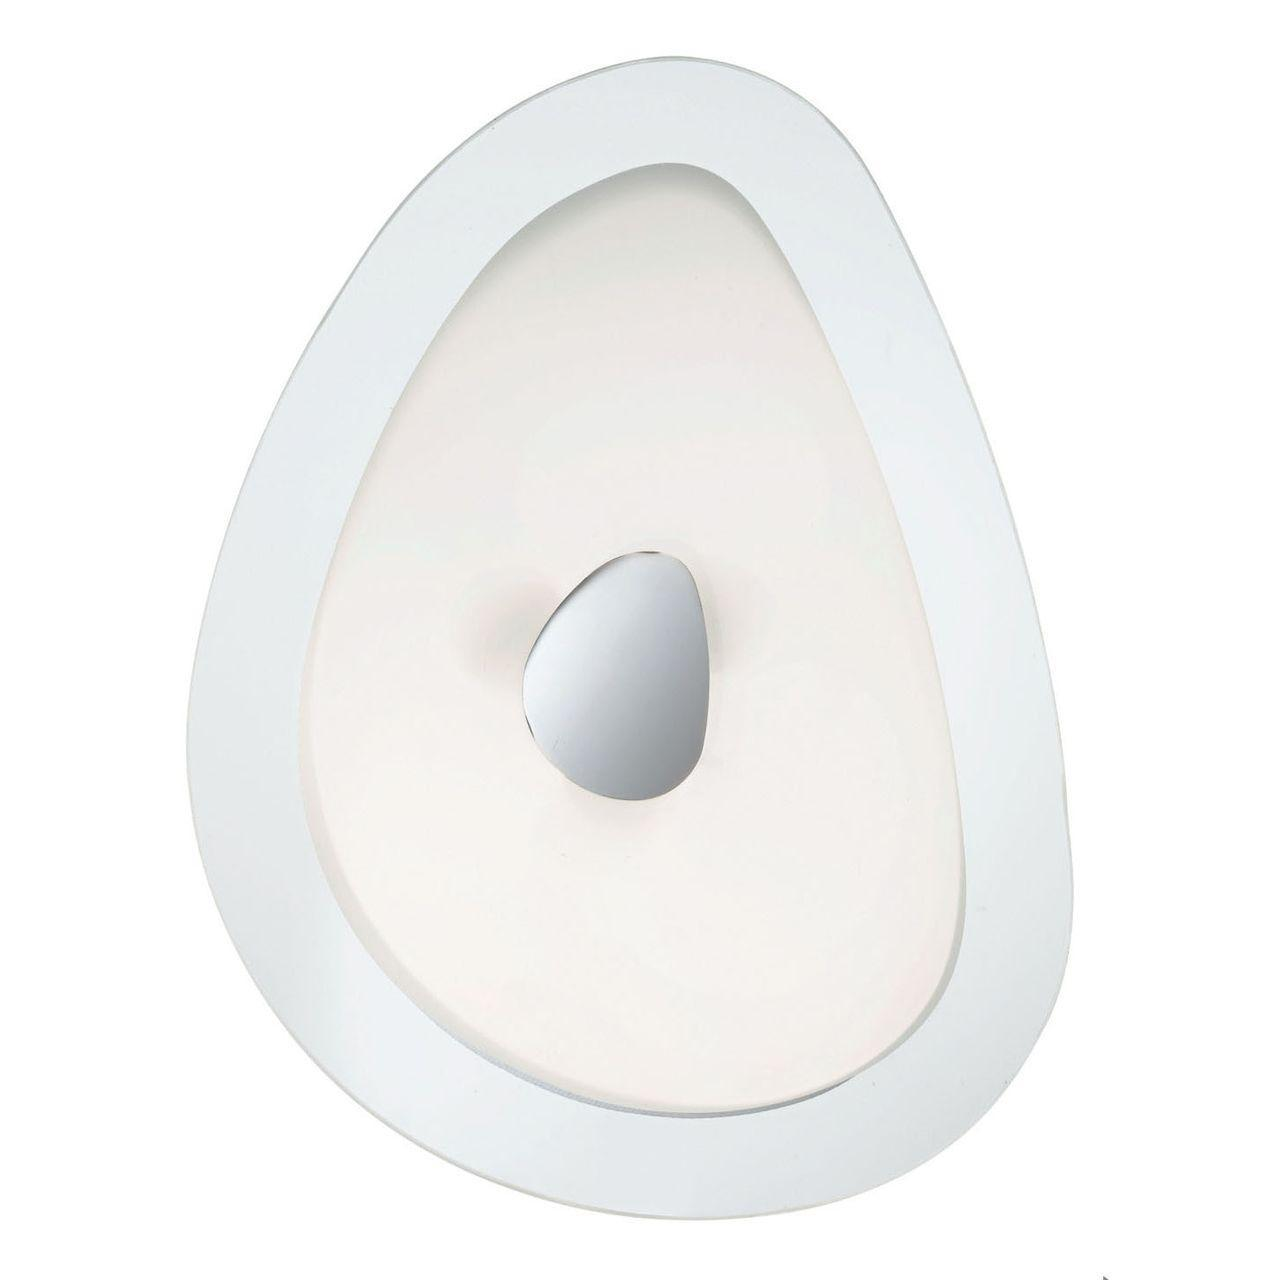 купить Настенный светильник Ideal Lux Geko PL3 недорого